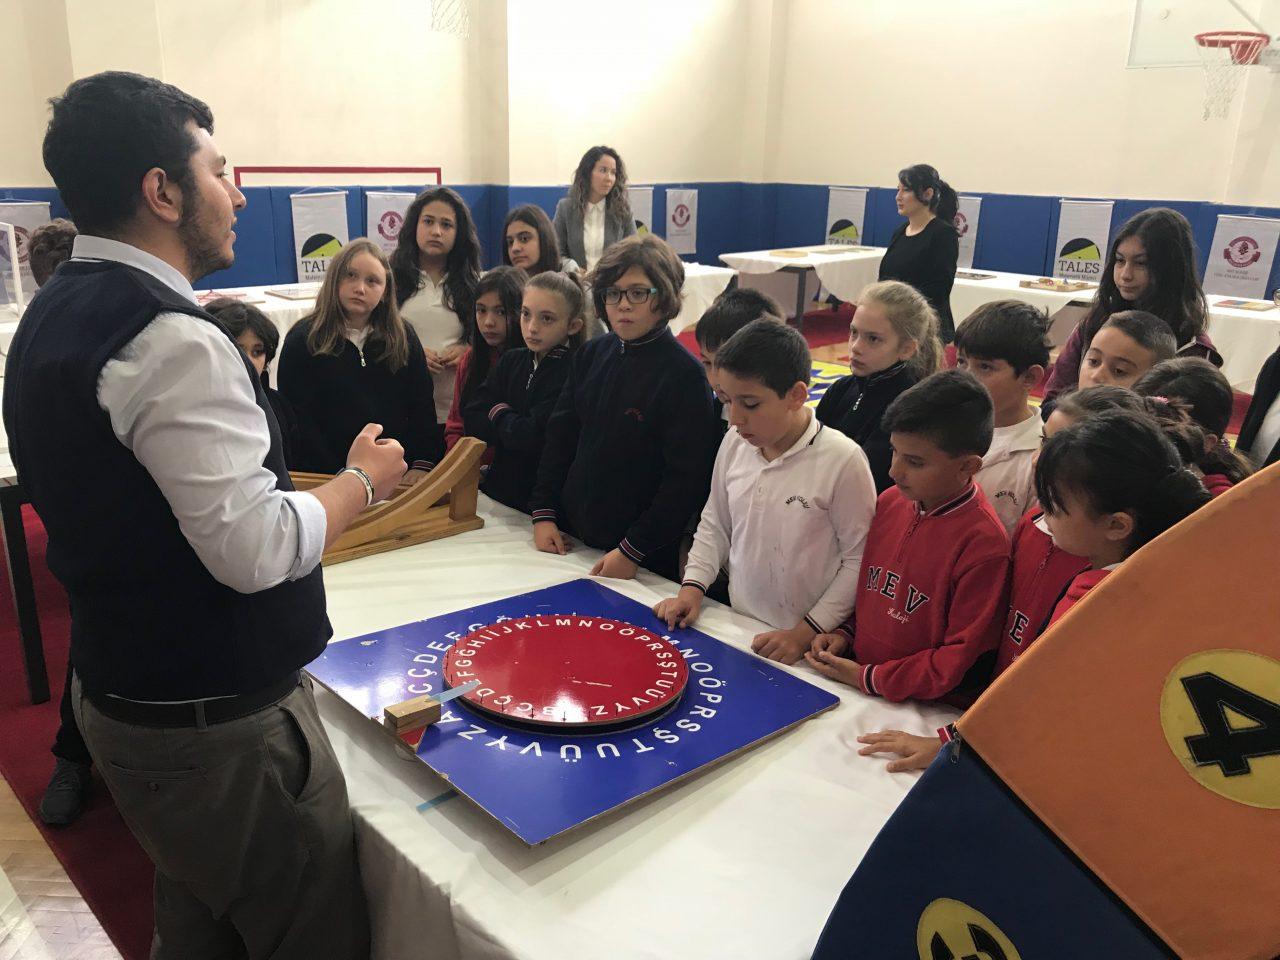 Tales Matematik Müzesi MEV Koleji'nde